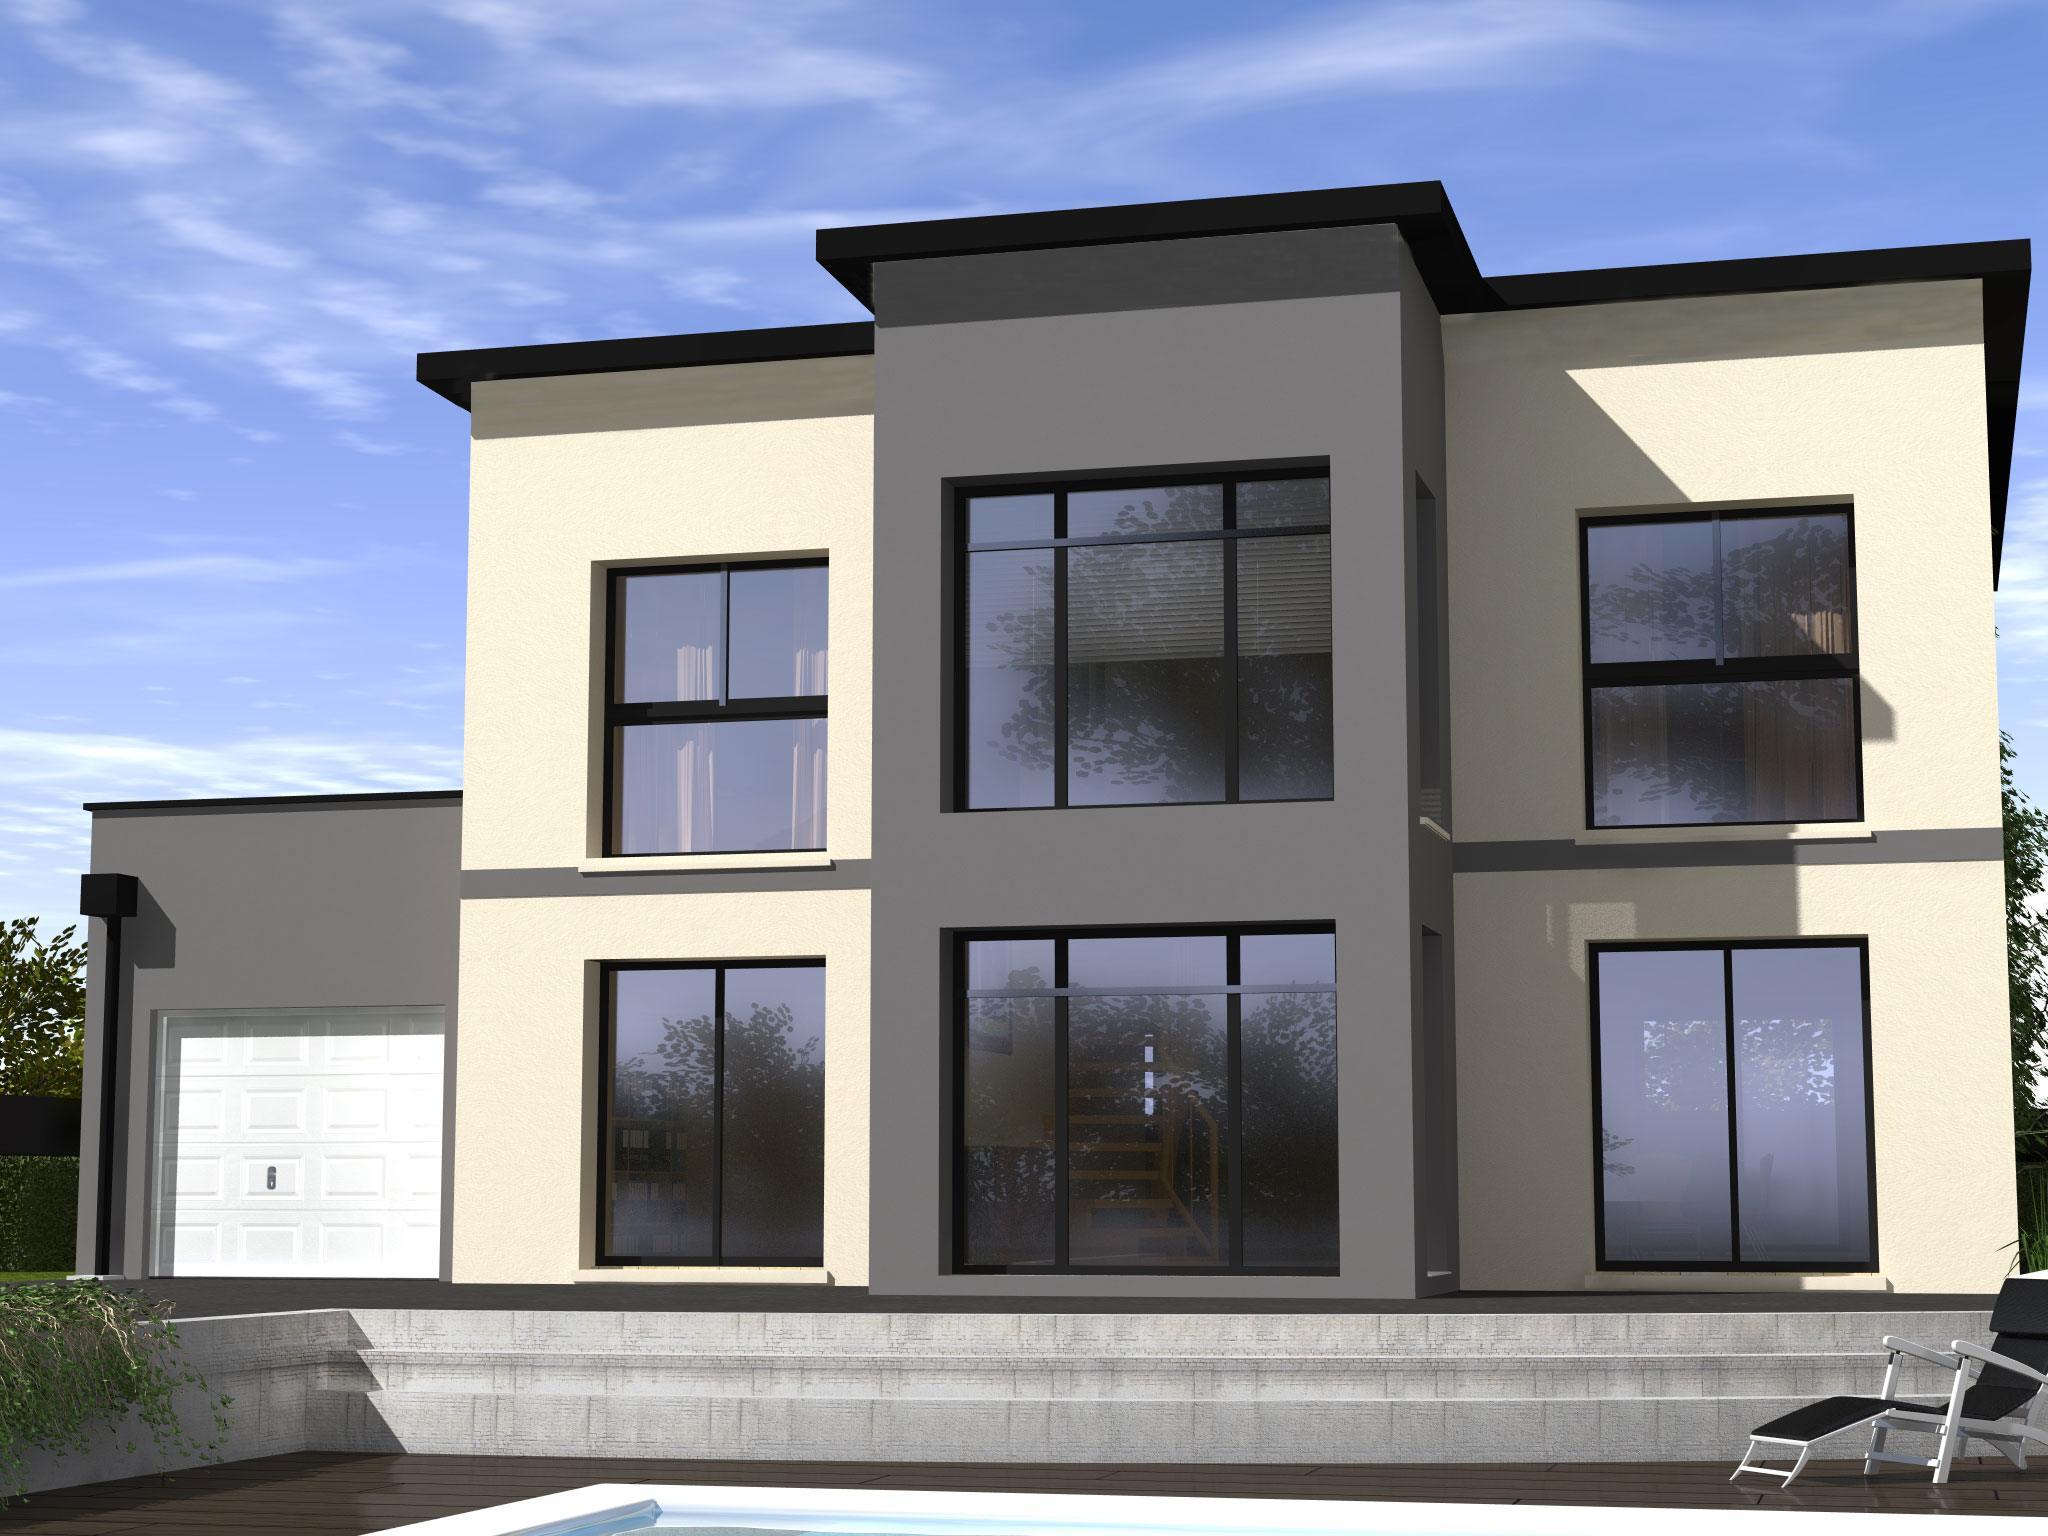 Maisons + Terrains du constructeur Les Maisons Lelievre • 171 m² • LE MANS